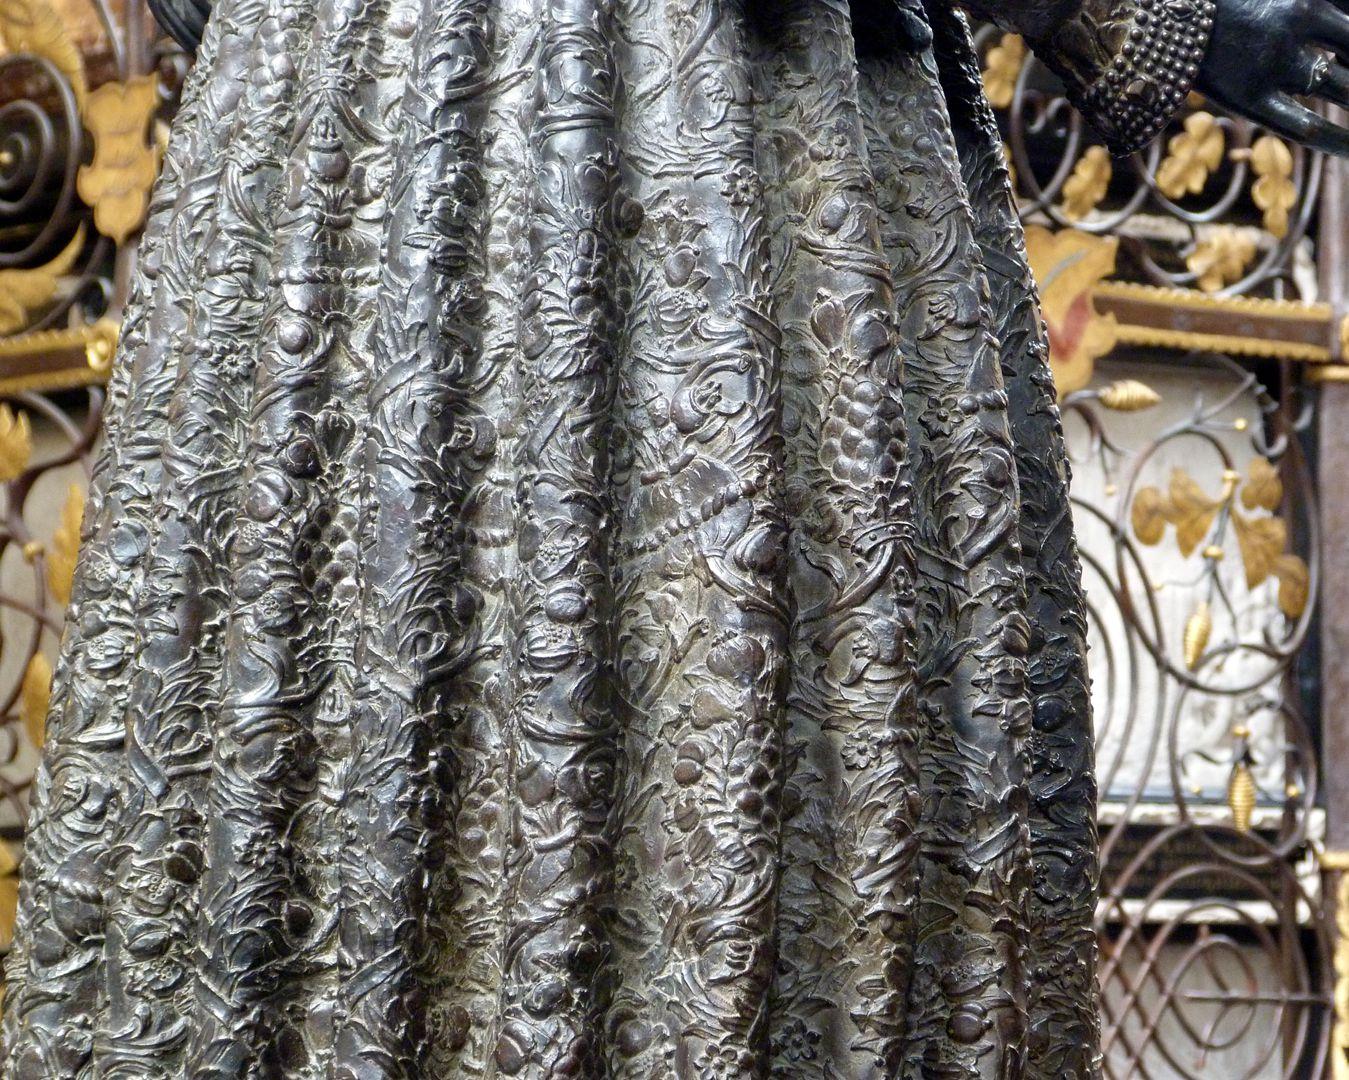 Empress Bianca Maria Sforza (Innsbruck) Garment, detail, rear view